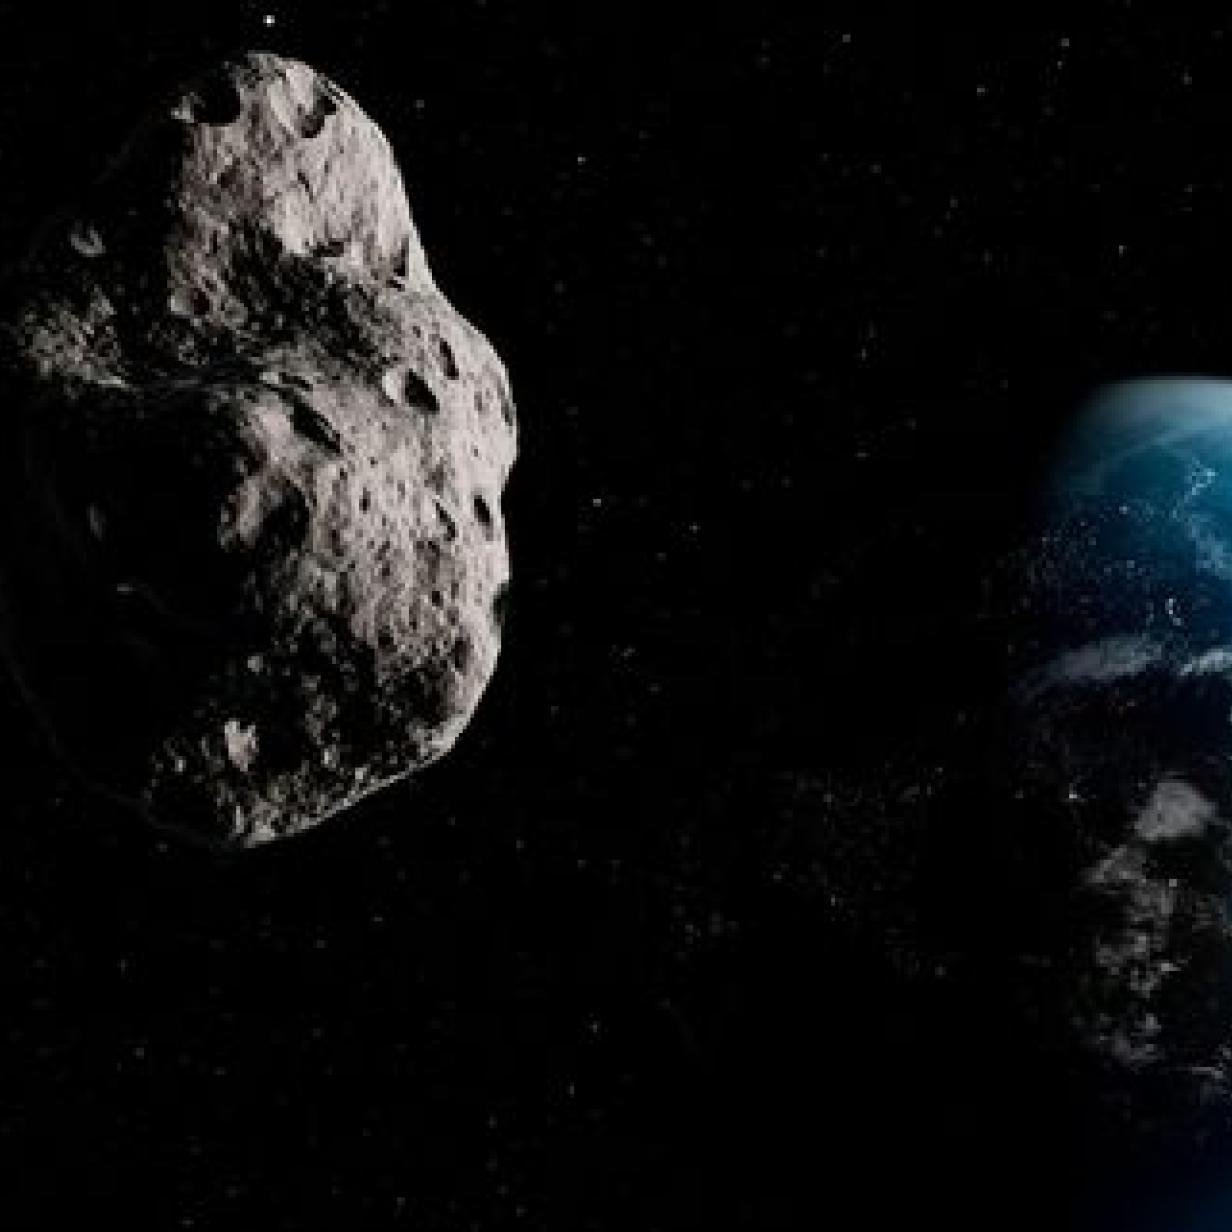 Wasser in Asteroiden kann Treibstoff für Raumschiffe liefern